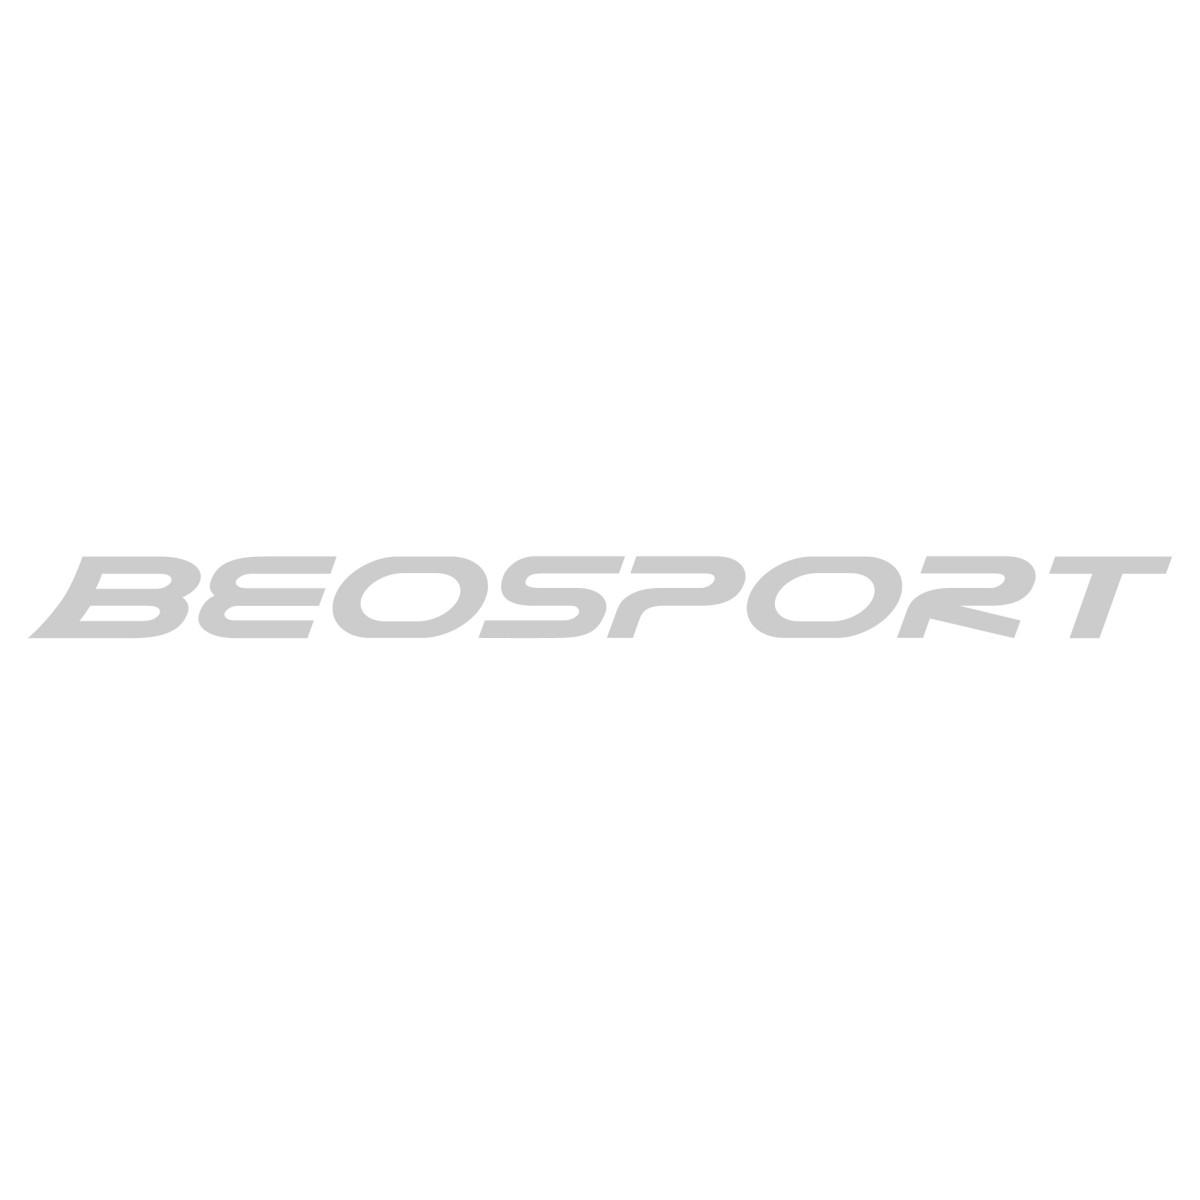 Skechers Microburst - Knot Concerned baletanke